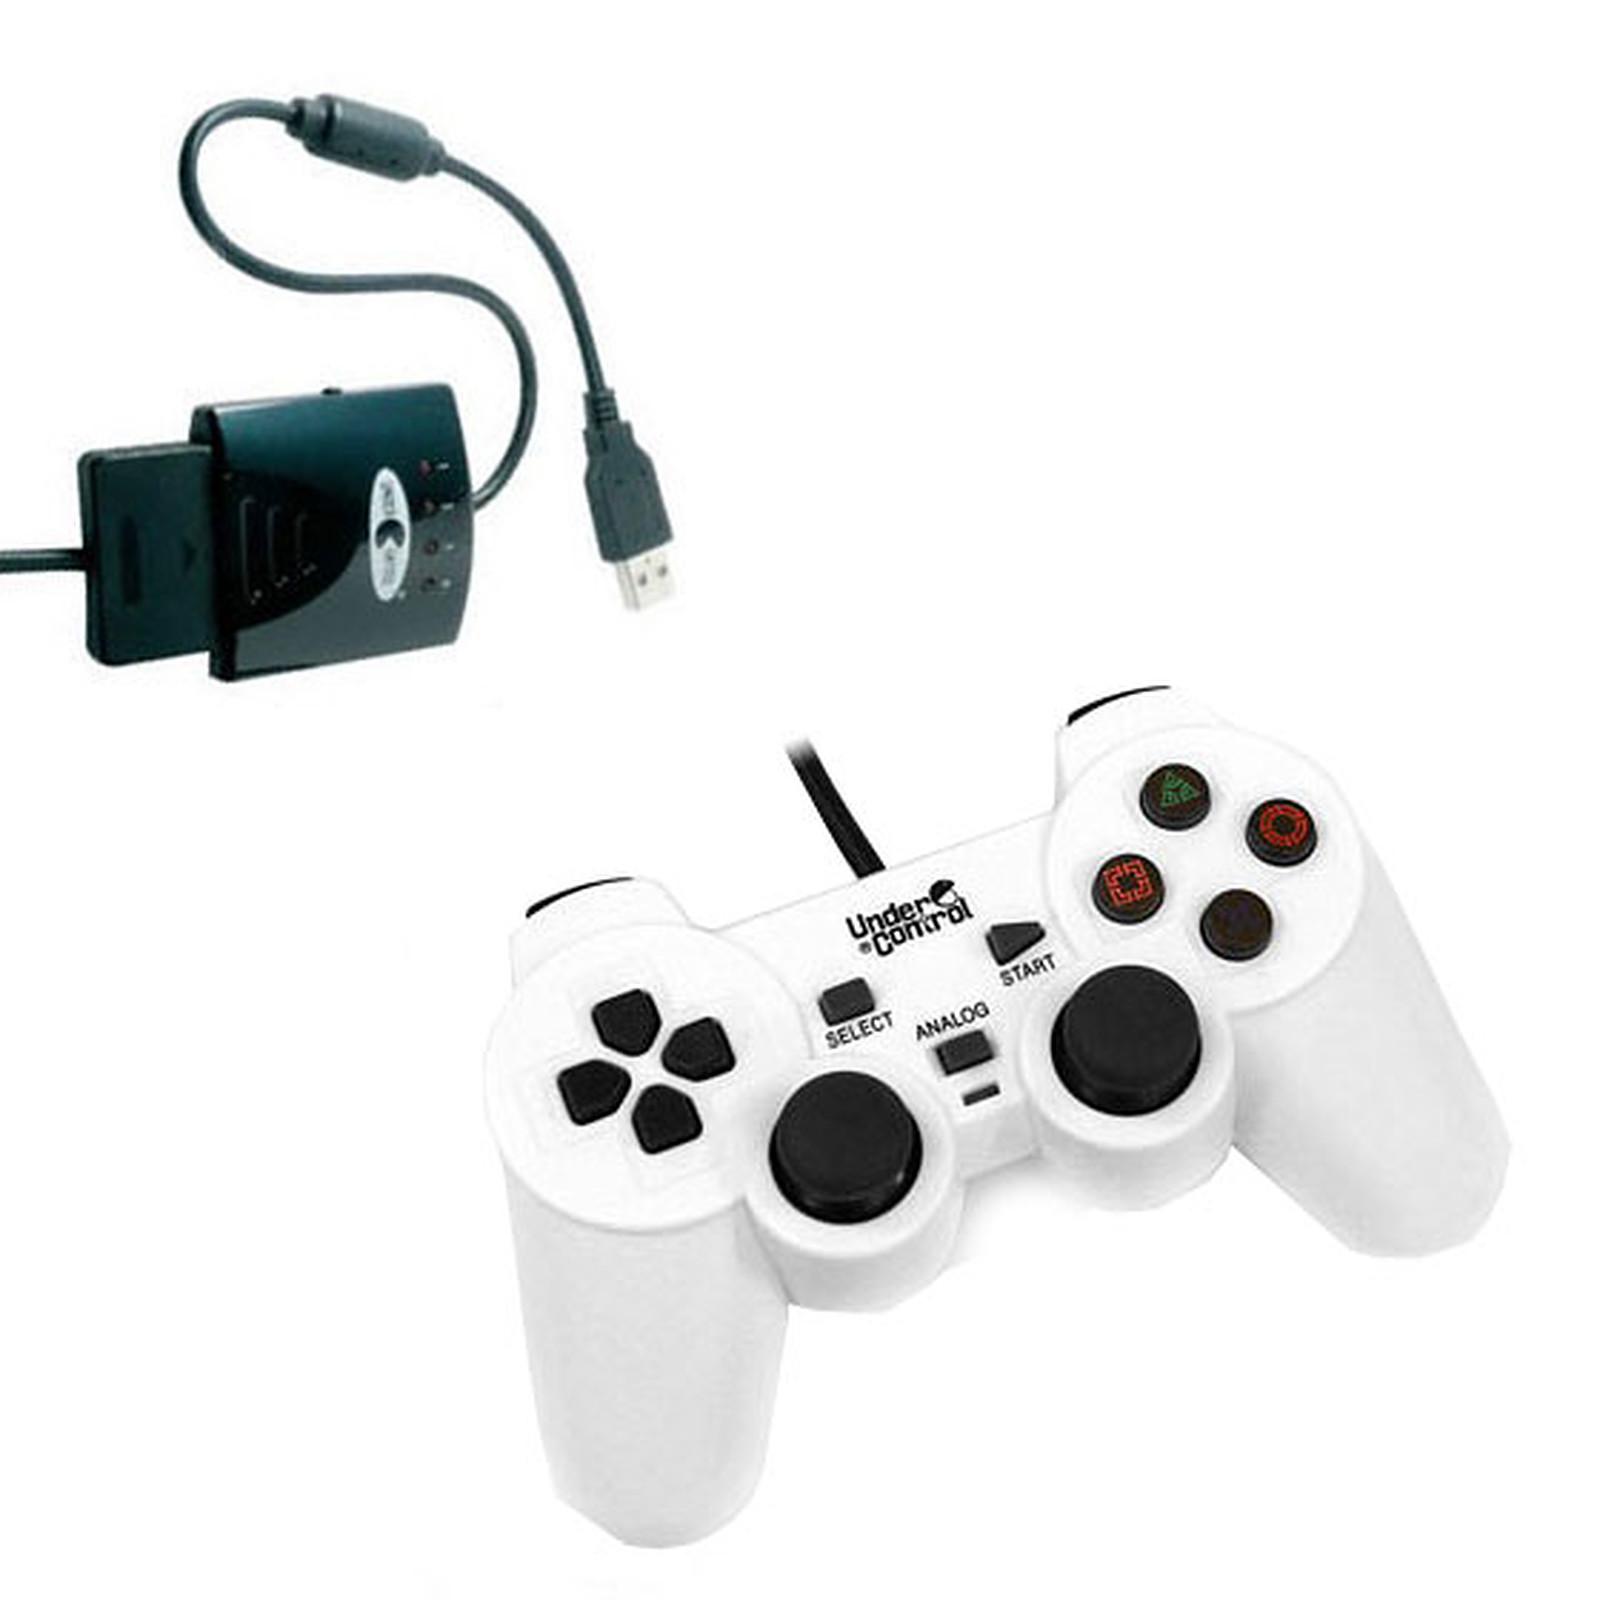 Under Control Shockcontroller Blanc + Convertisseur de manette (PS2 / PS3)